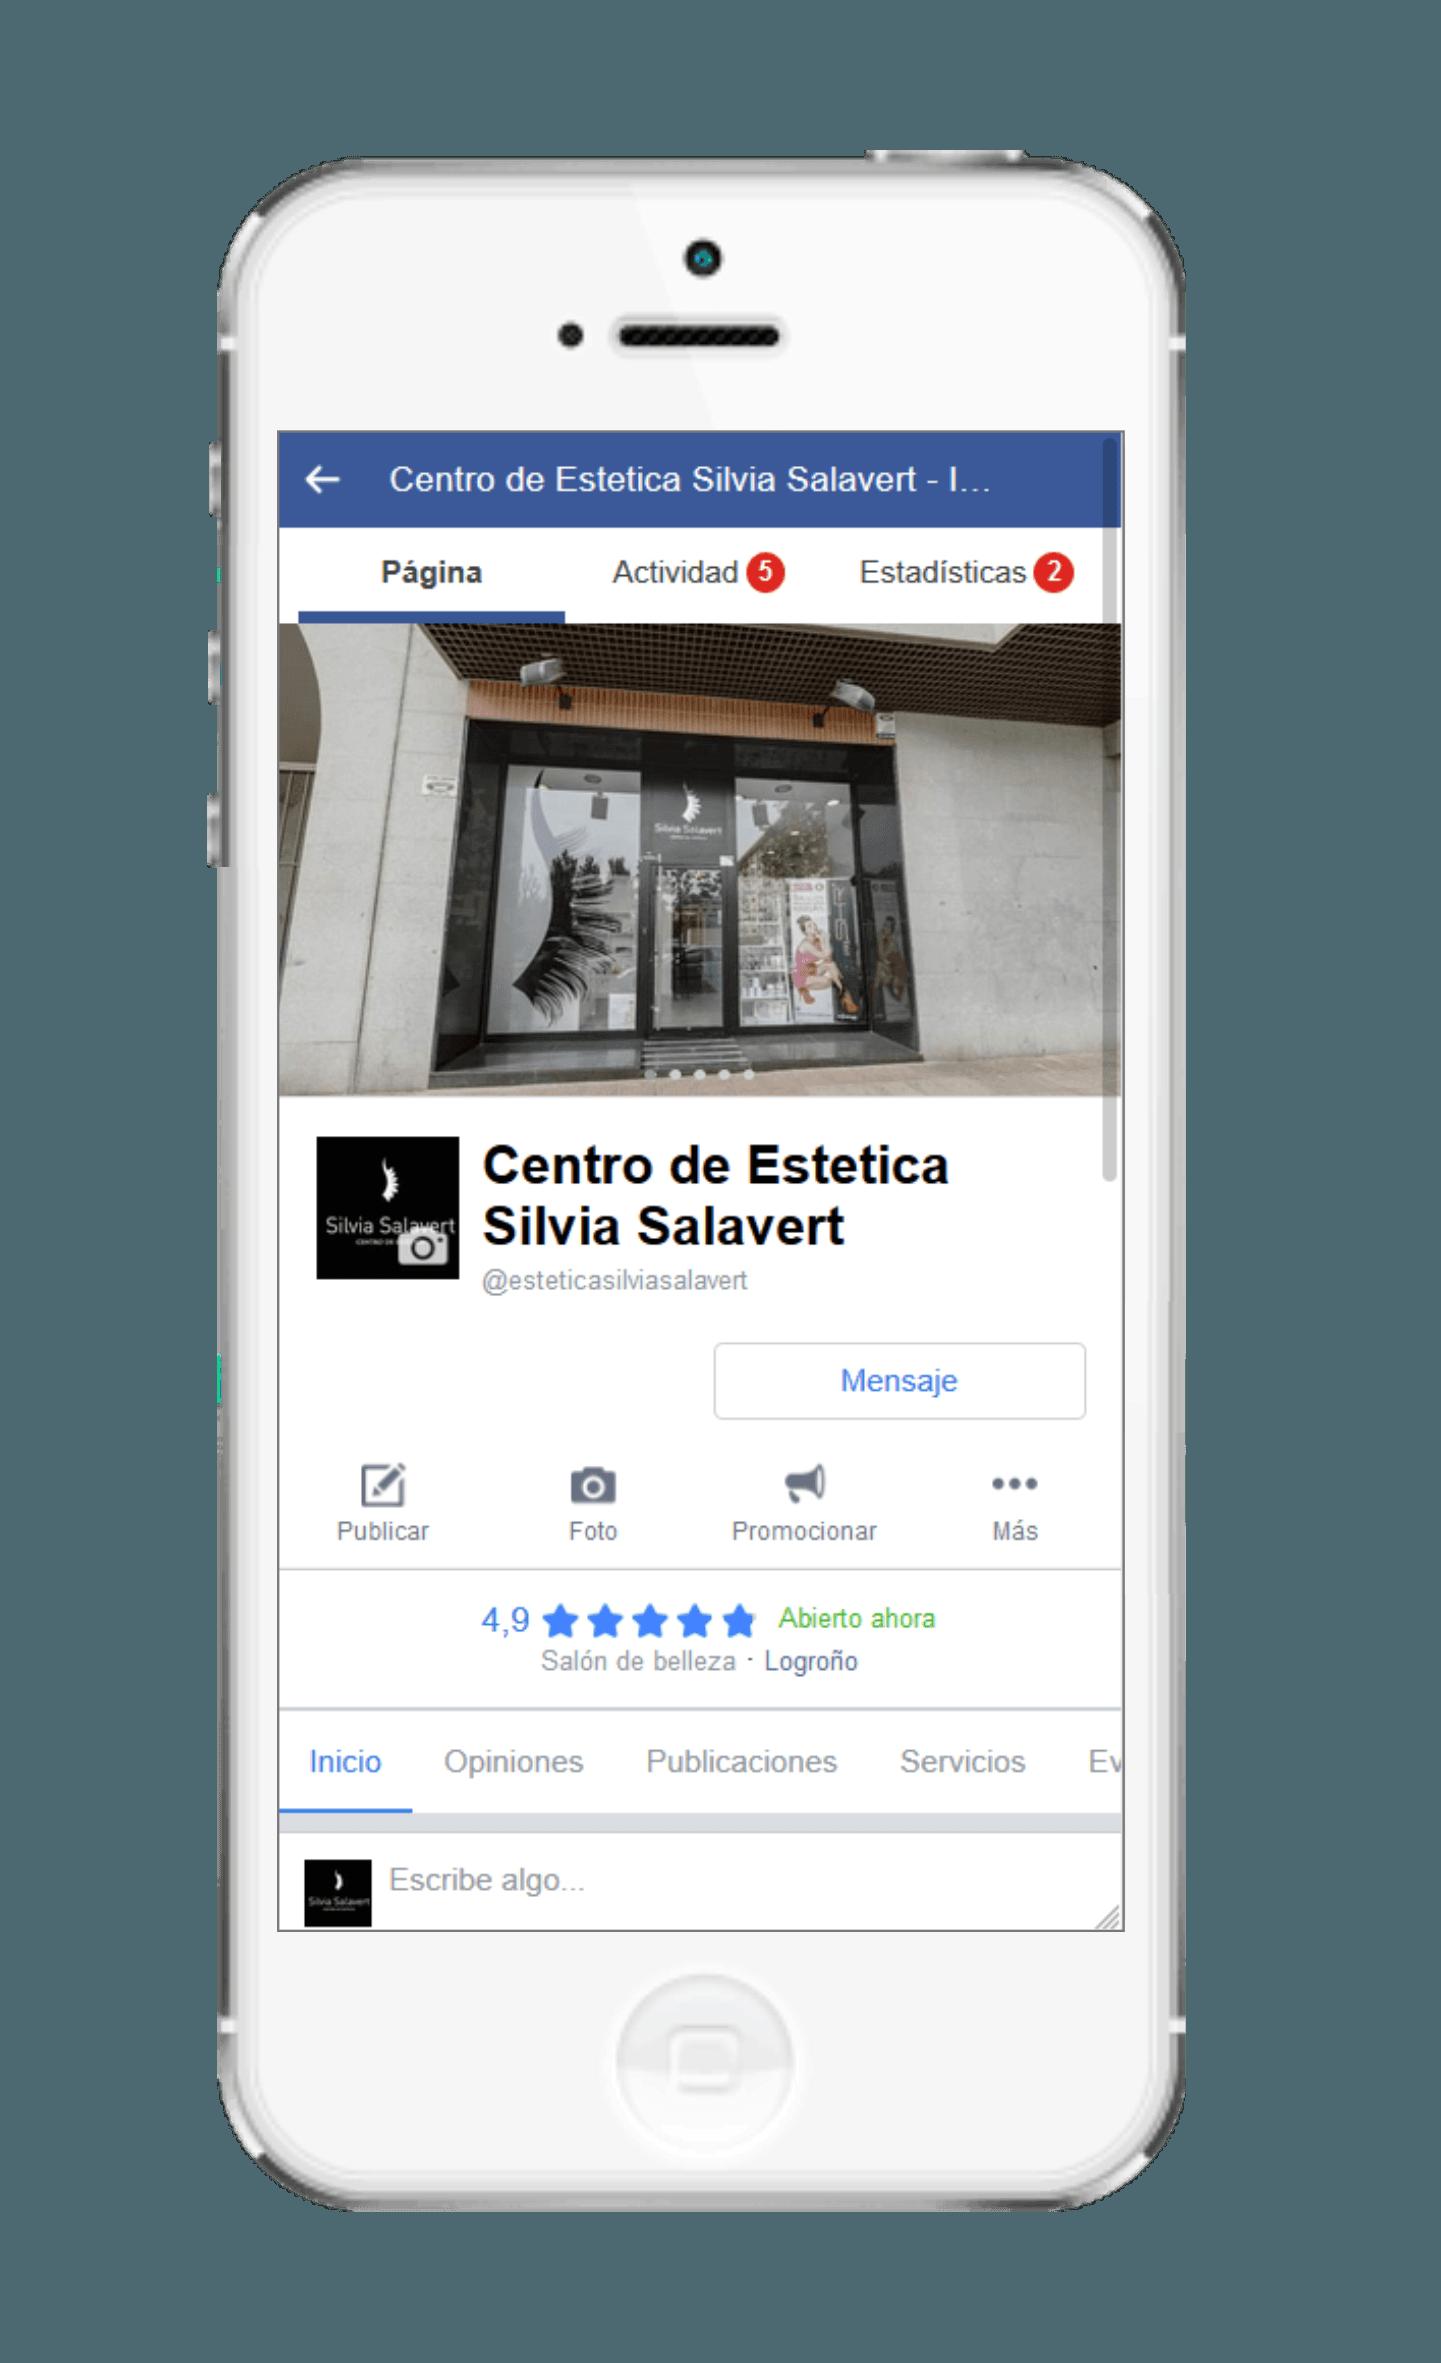 Centro Estético Silvia Salavert⭐<br><br>  Gestión de Redes Sociales <br><br><br><br><br><br> Diseño gráfico<br>  Optimización de Google Business<br><br>  Publicidad online<br>  Posicionamiento SEO|SEM<br><br>